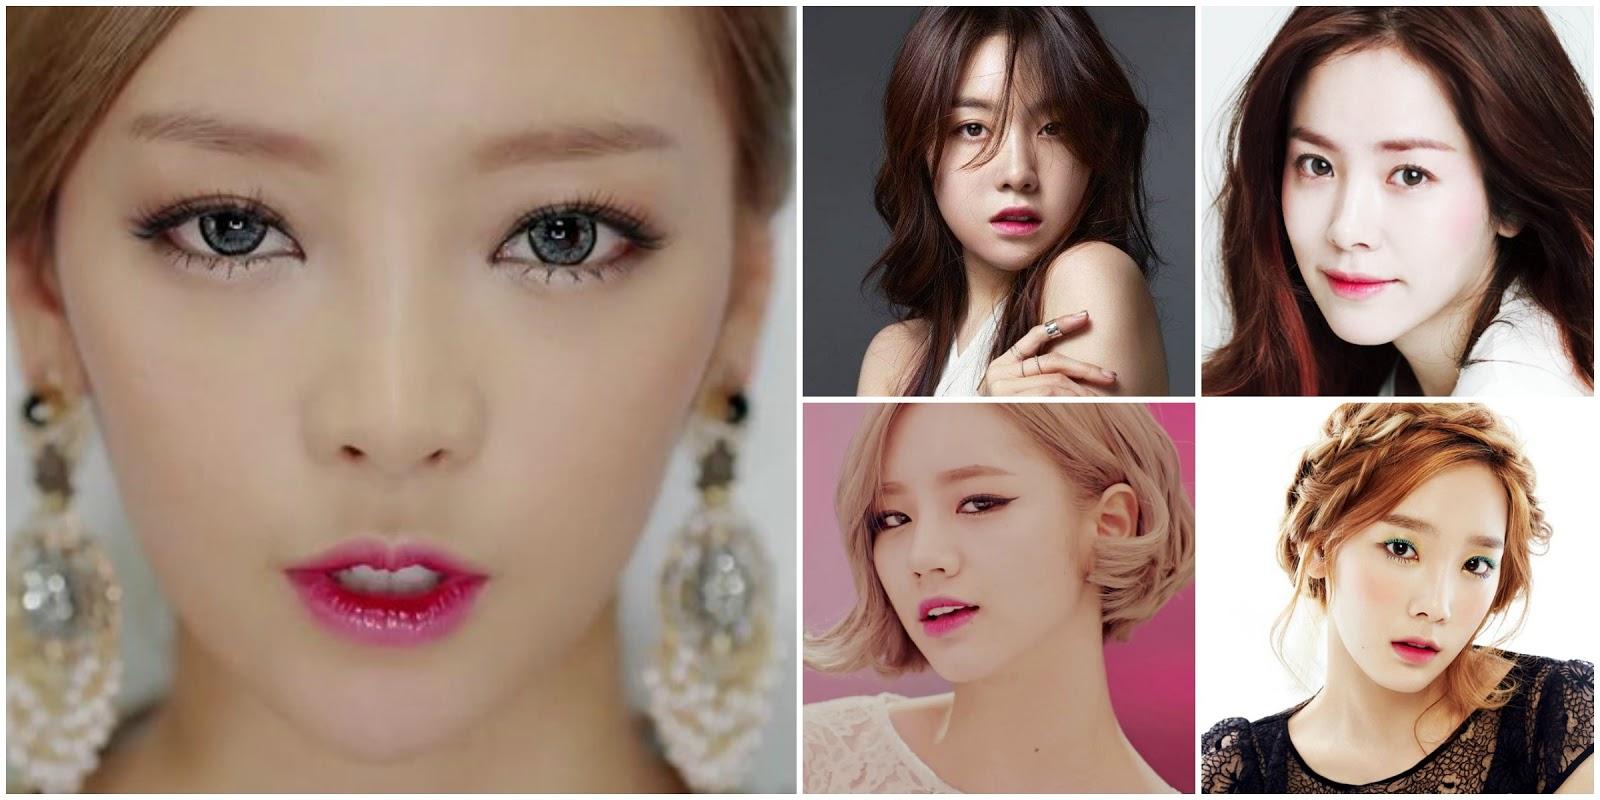 Макияж для кореянок фото до и после